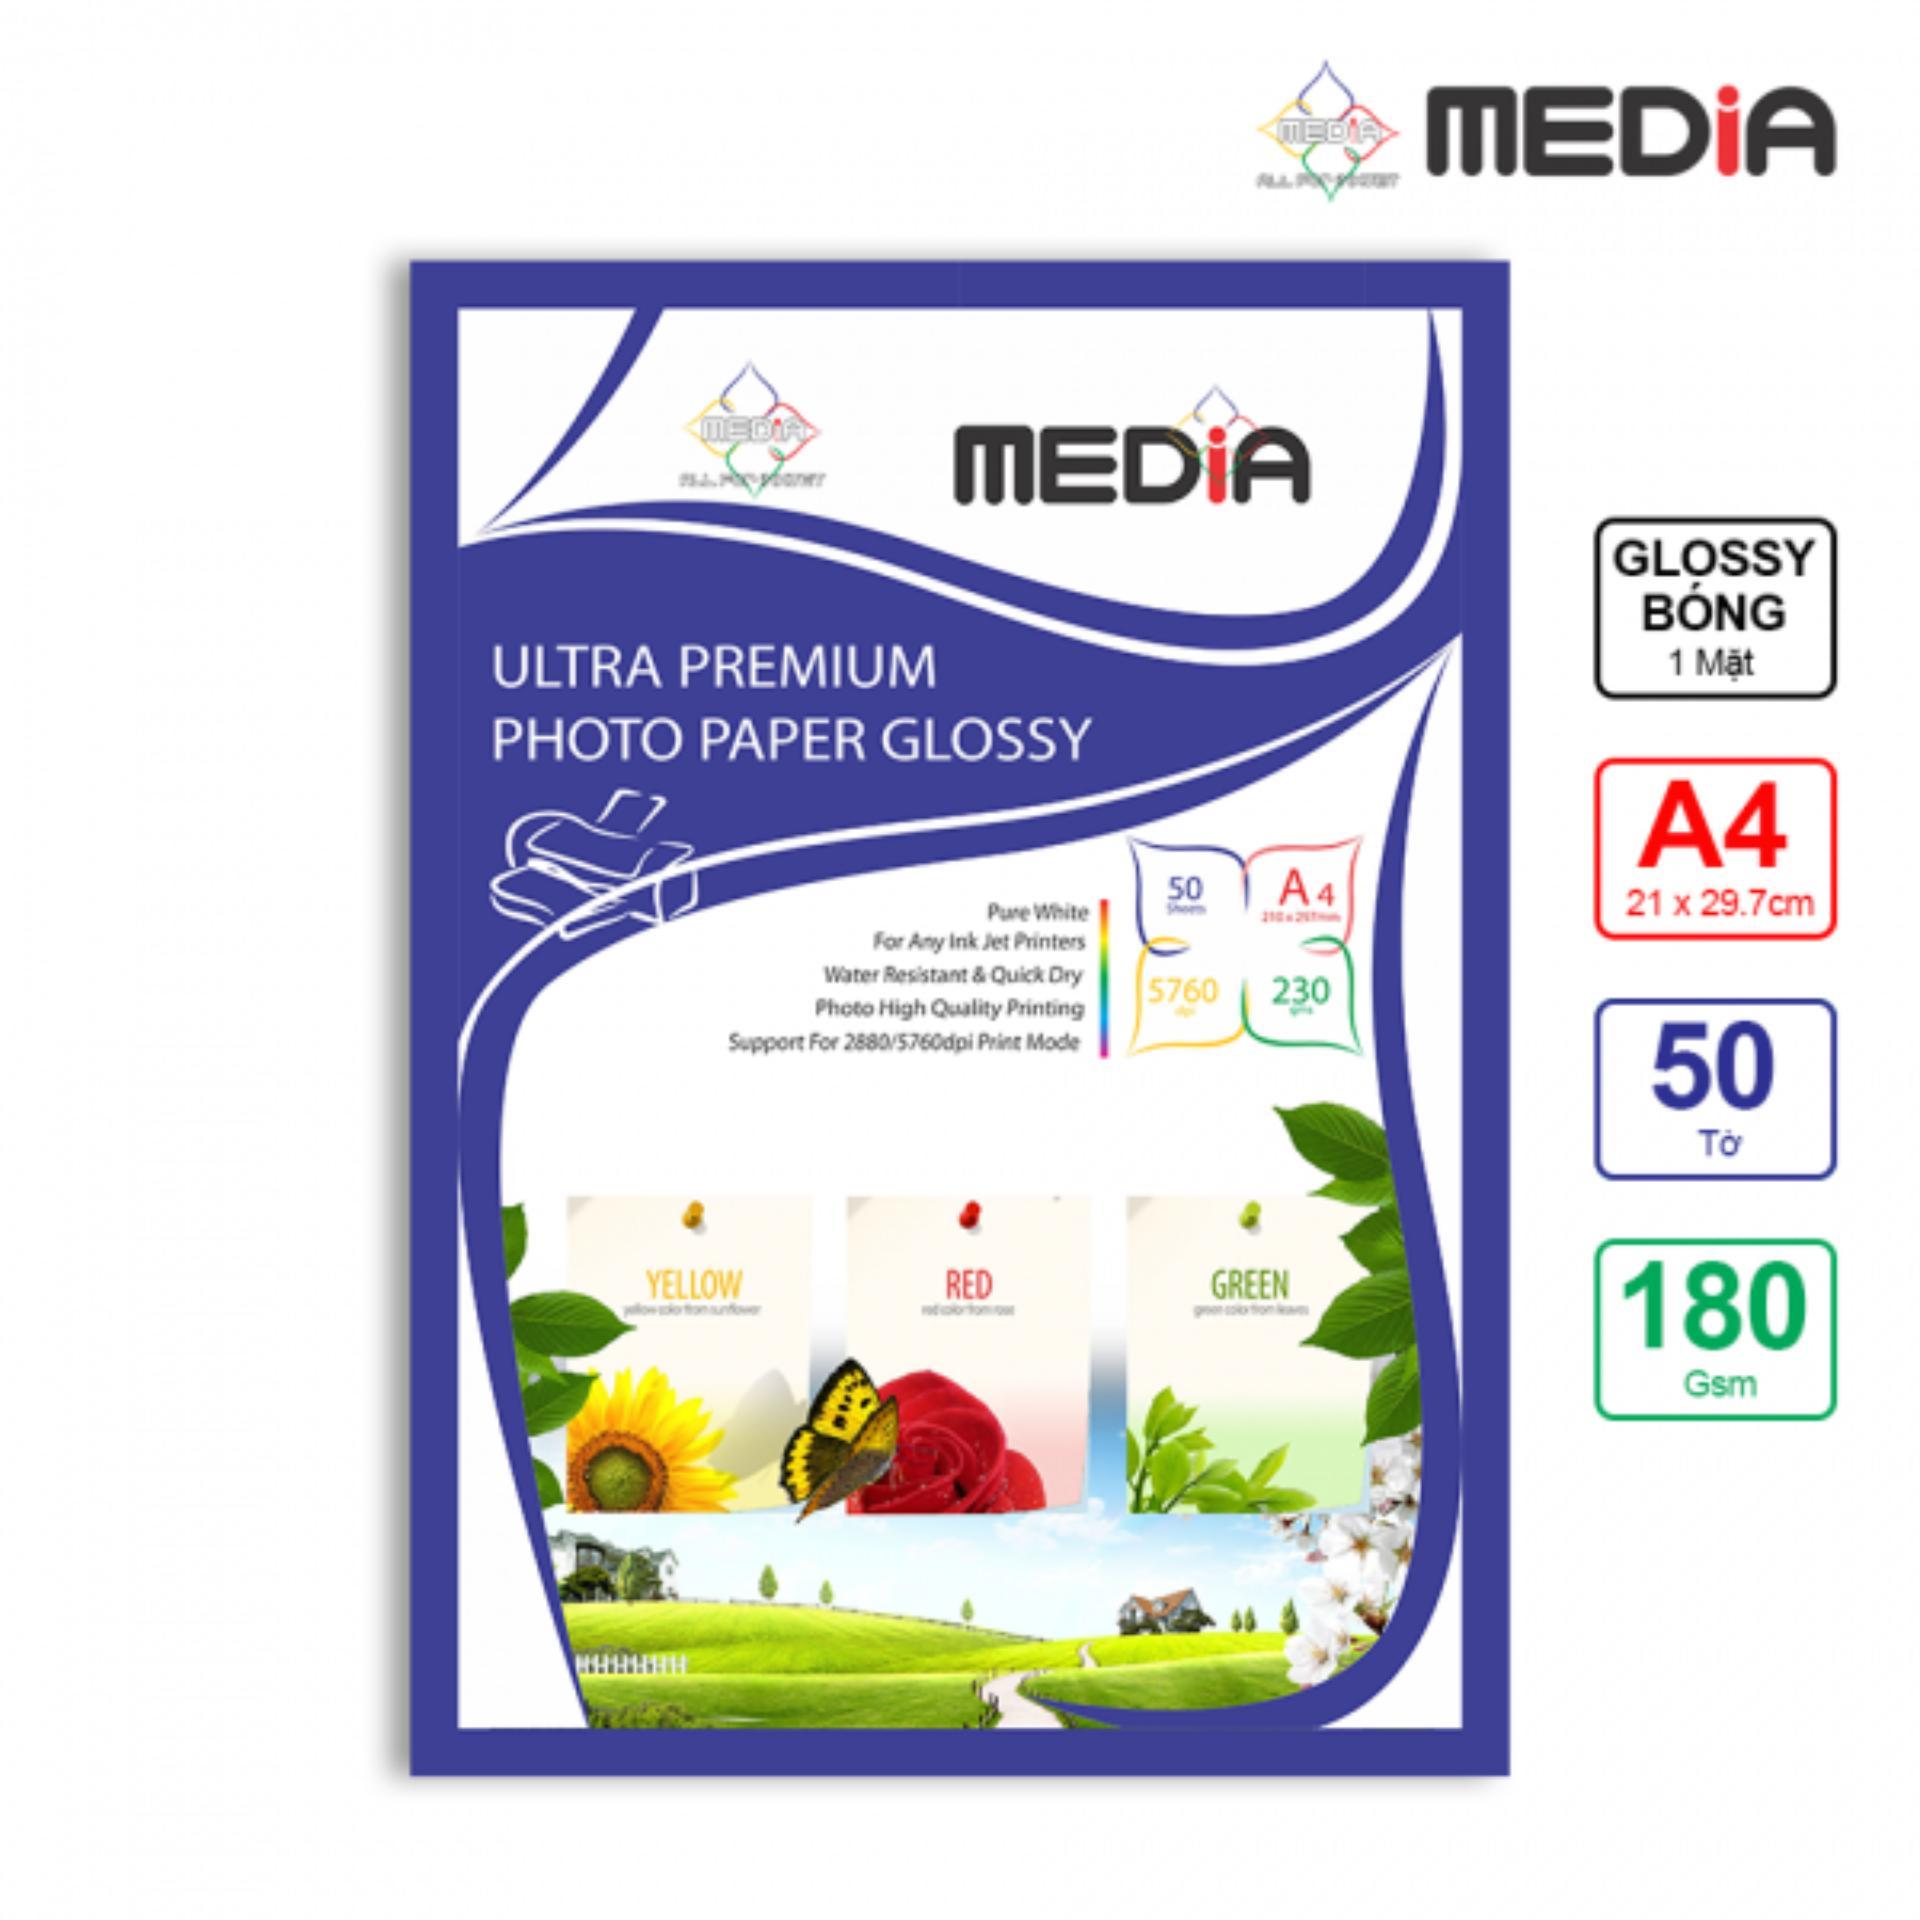 Giá Giấy In Ảnh Media 1 Mặt Bóng (Glossy) A4 (21 x 29.7cm) 180gsm 50 Tờ Tại Media Ink